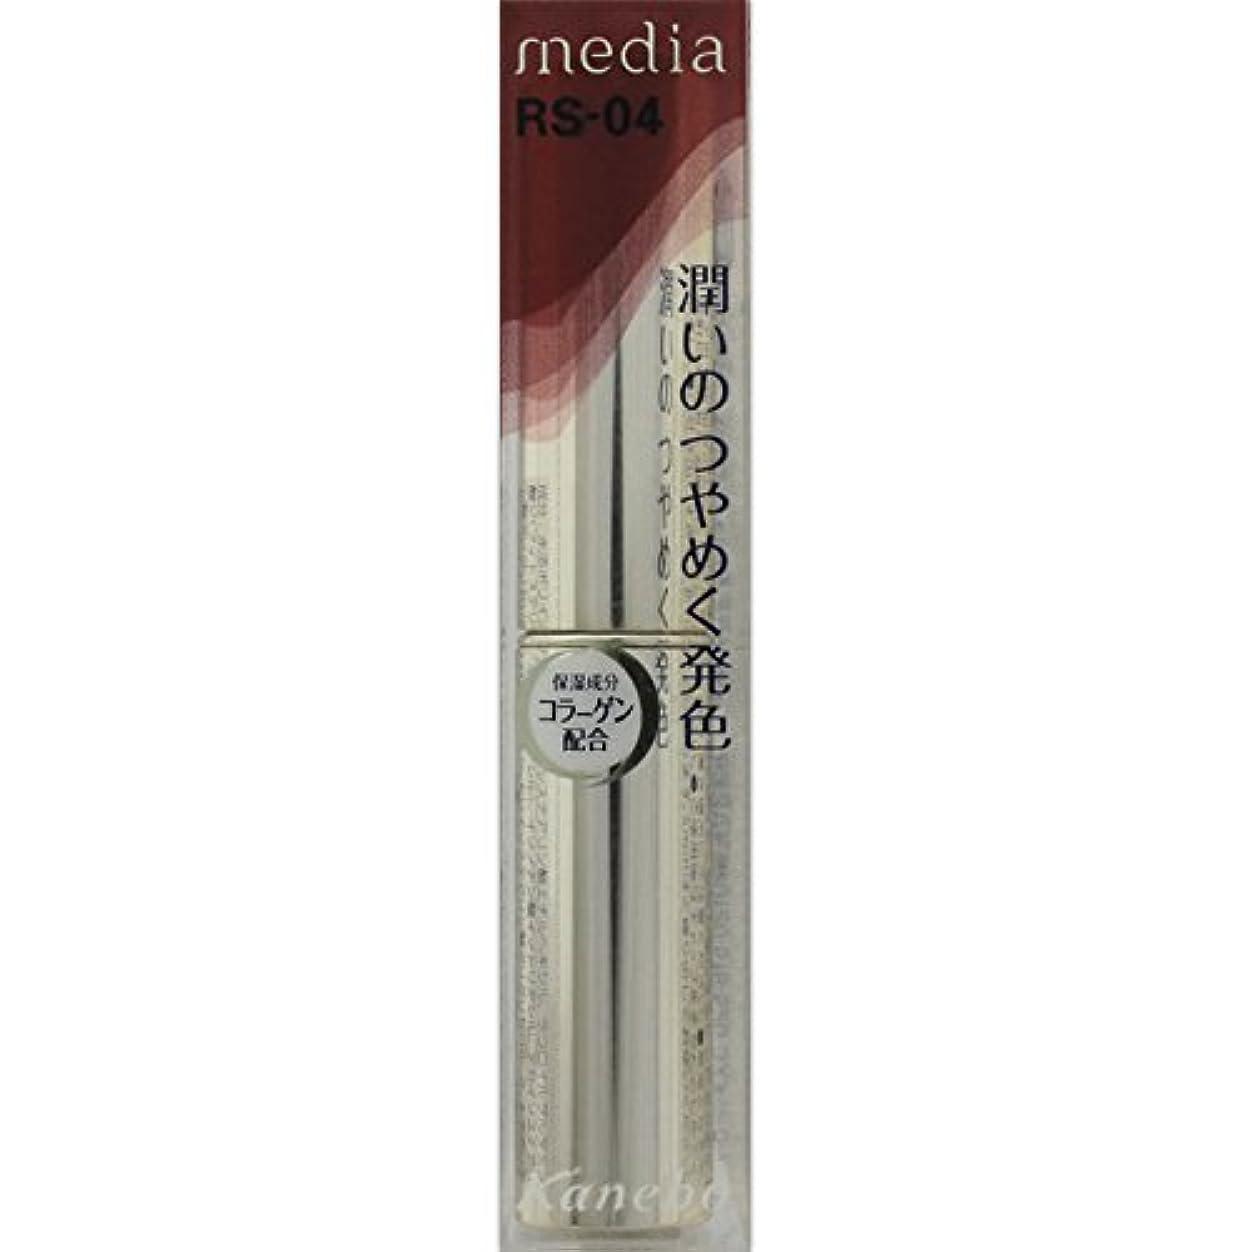 社会学クラックピストルカネボウ メディア(media)シャイニーエッセンスリップA カラー:RS-04